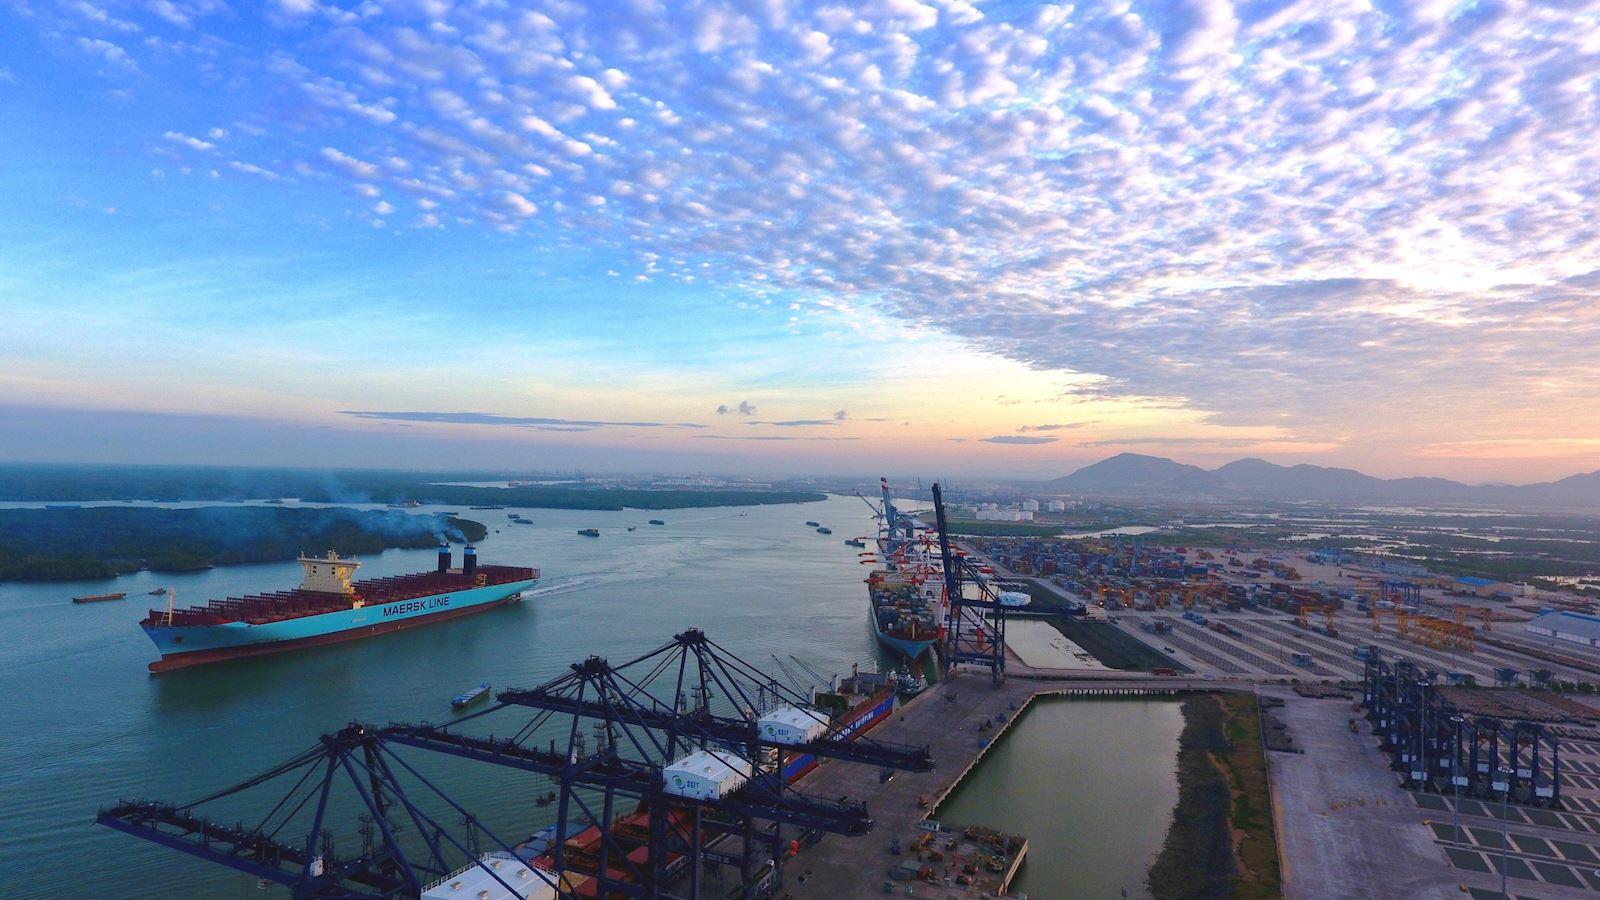 Đẩy nhanh tiến độ loạt dự án giao thông nghìn tỉ quanh cảng Cái Mép – Thị Vải 1